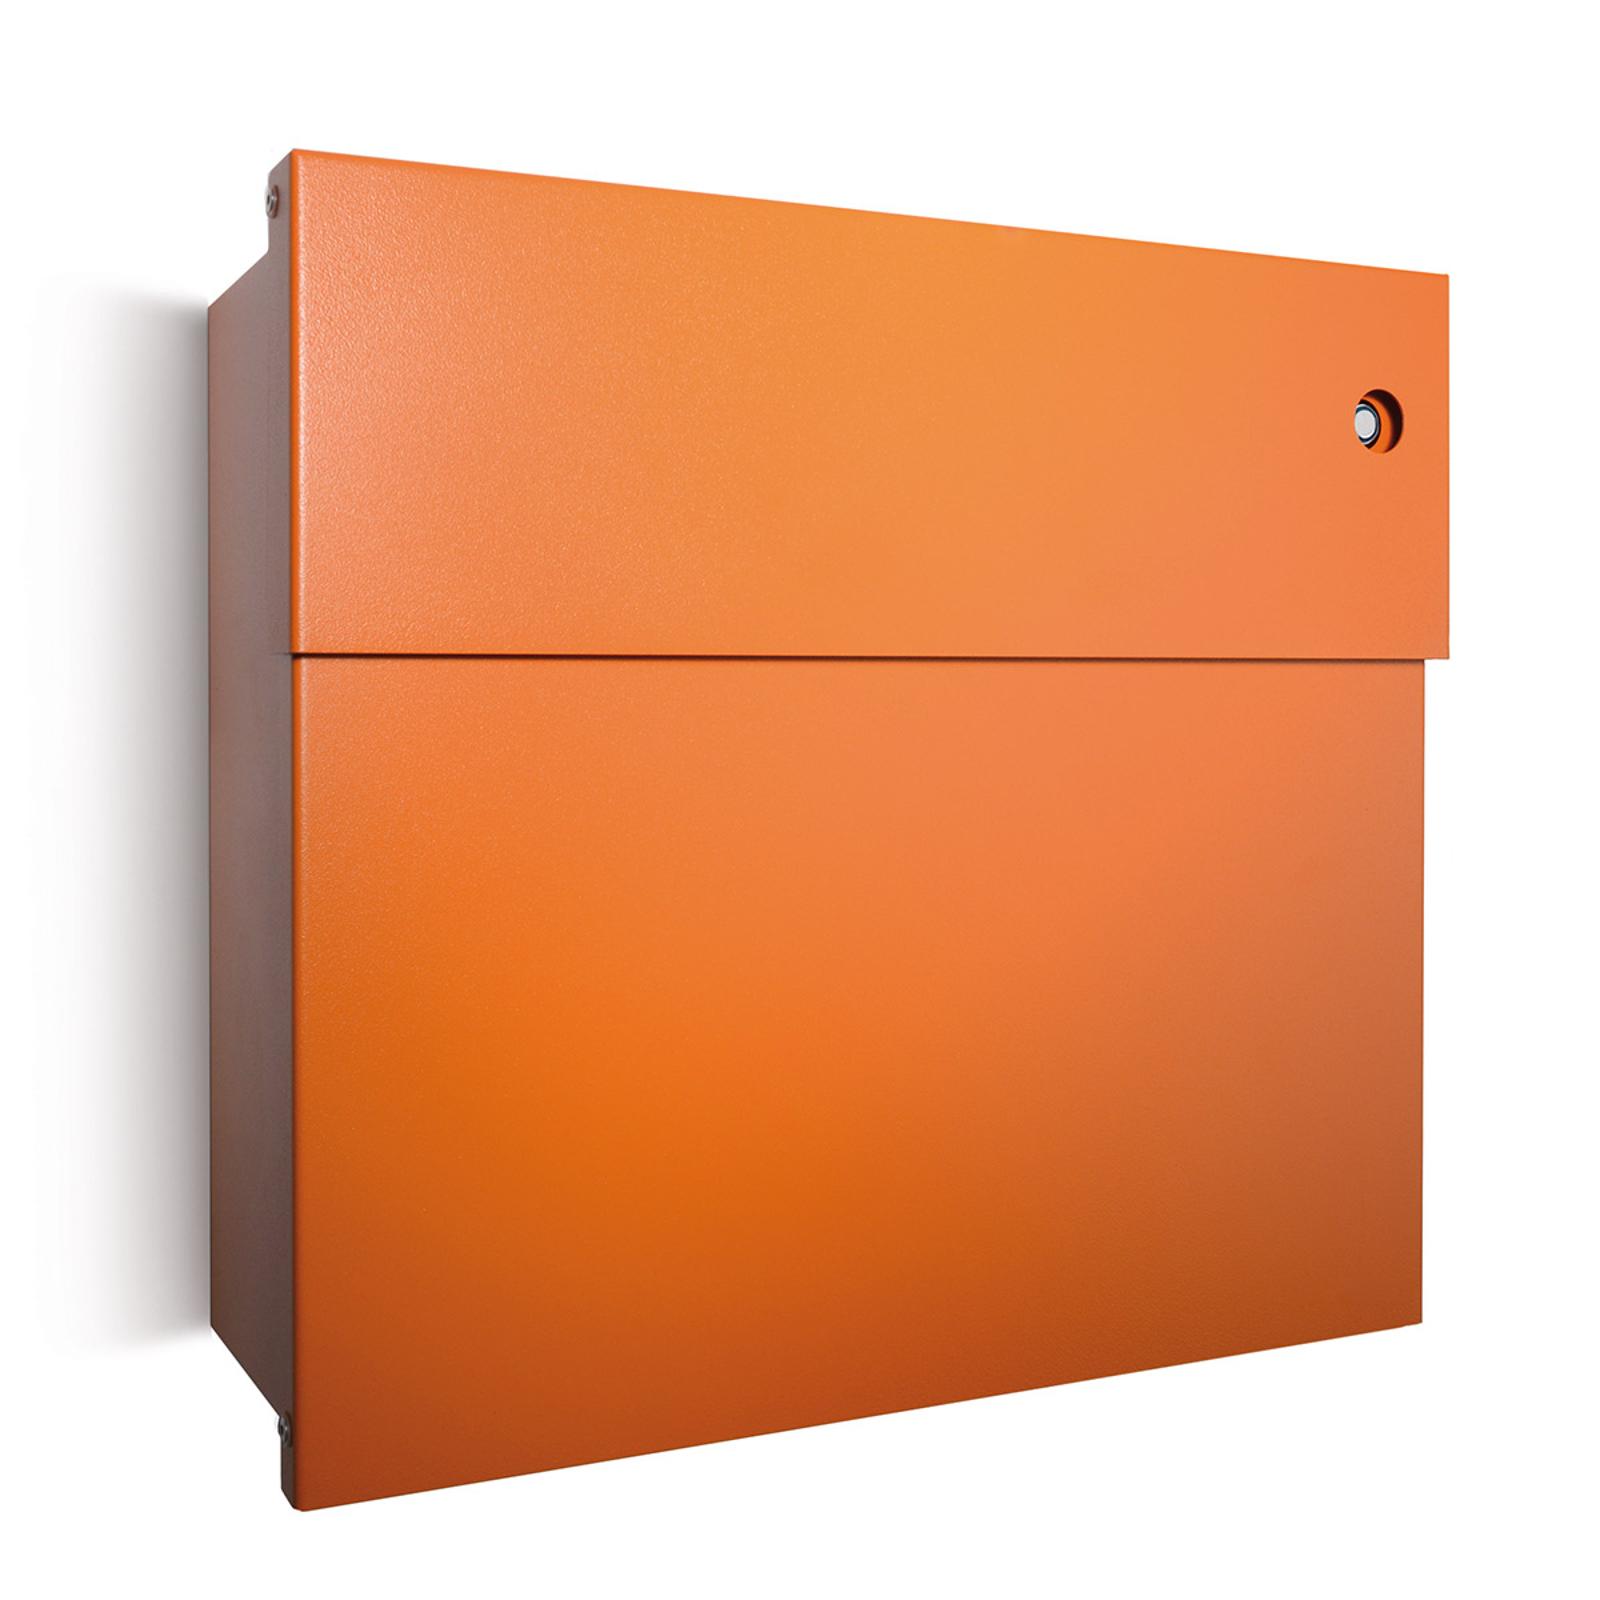 Poštová schránka Letterman IV, zvonček, oranžová_1057149_1